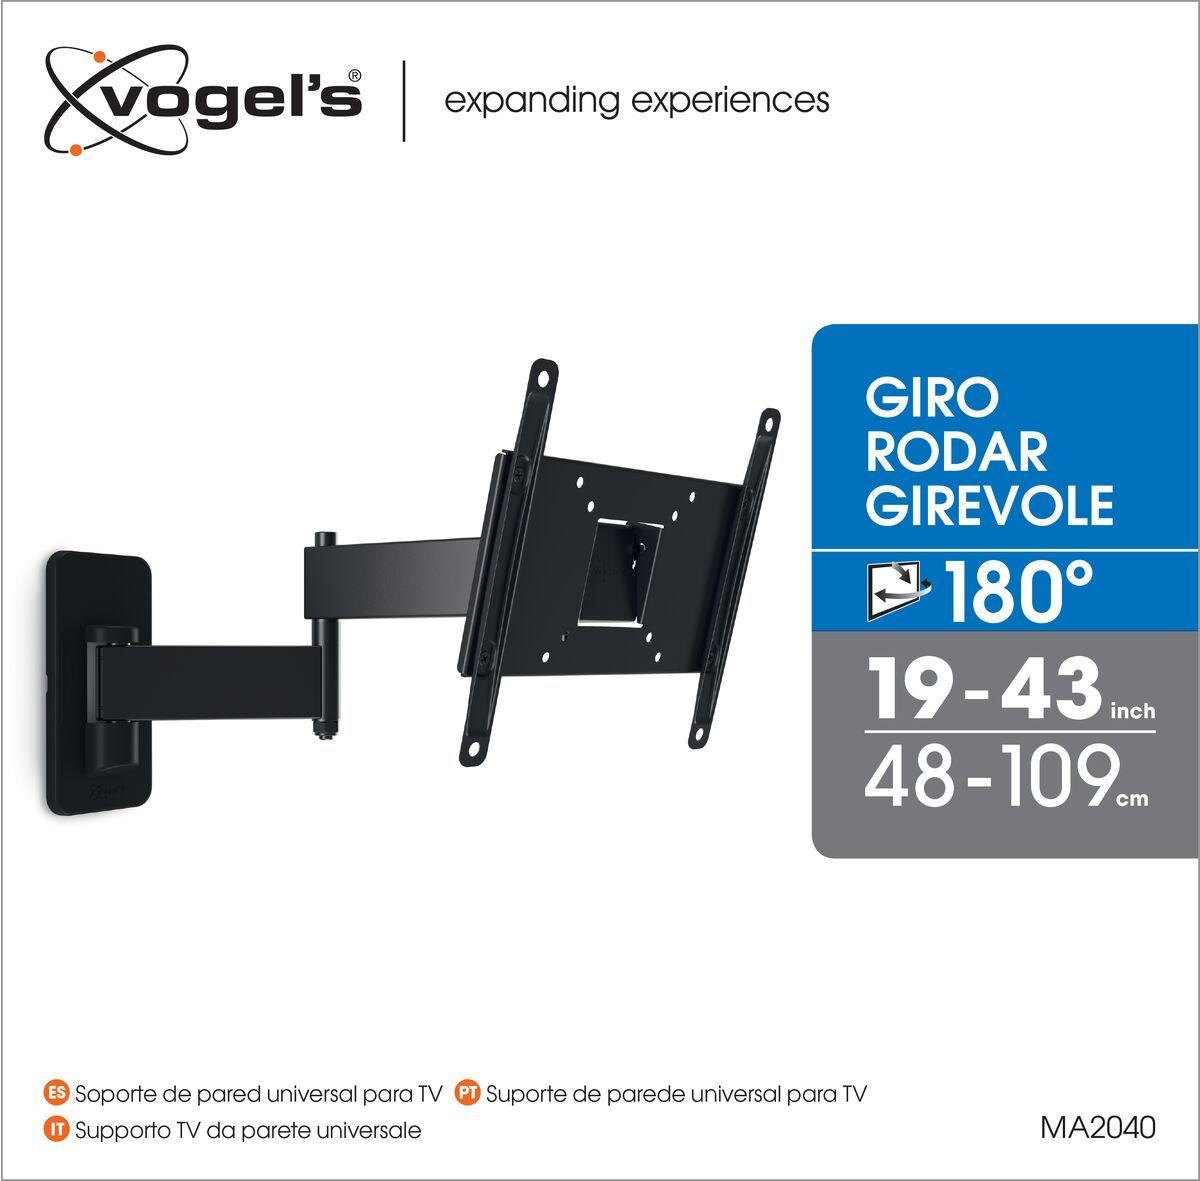 Vogel's MA 2040 Staffa TV Girevole - Adatto per televisori da Movimento completo (fino a 180°) - Adatto per televisori da Inclinazione fino a 10° - Adatto per televisori da Packaging front